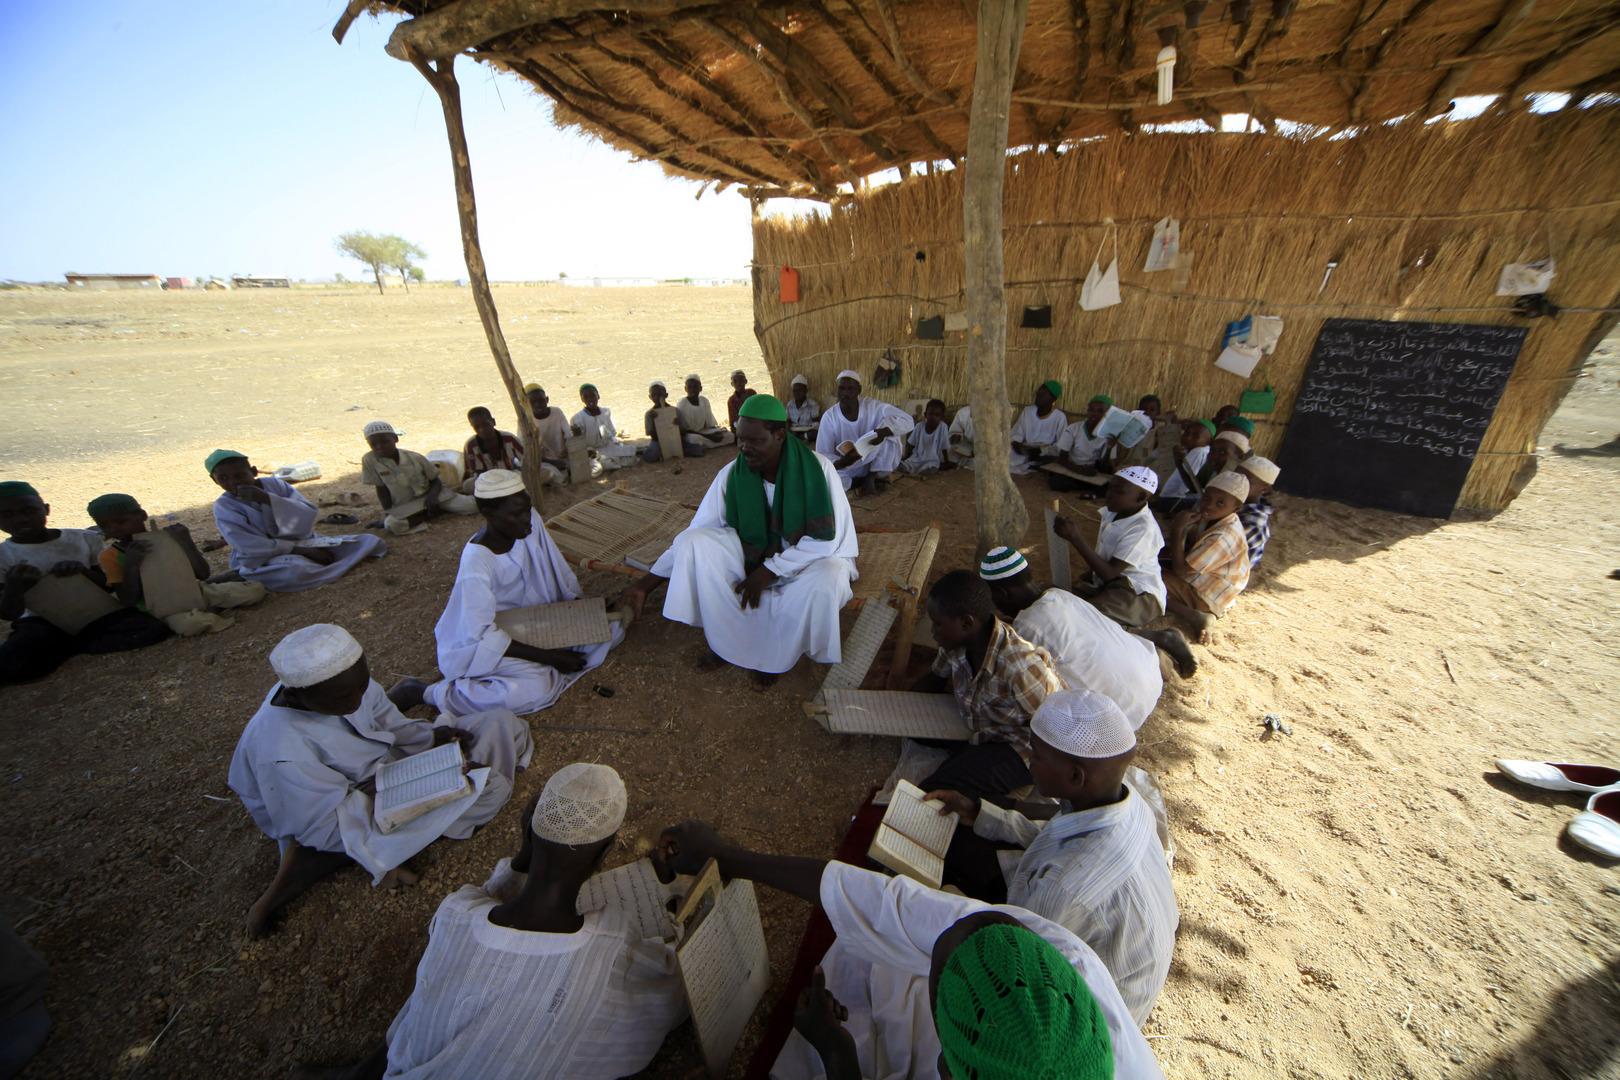 شيخ يعلم قراءة القرآن لتلاميذه، في السودان